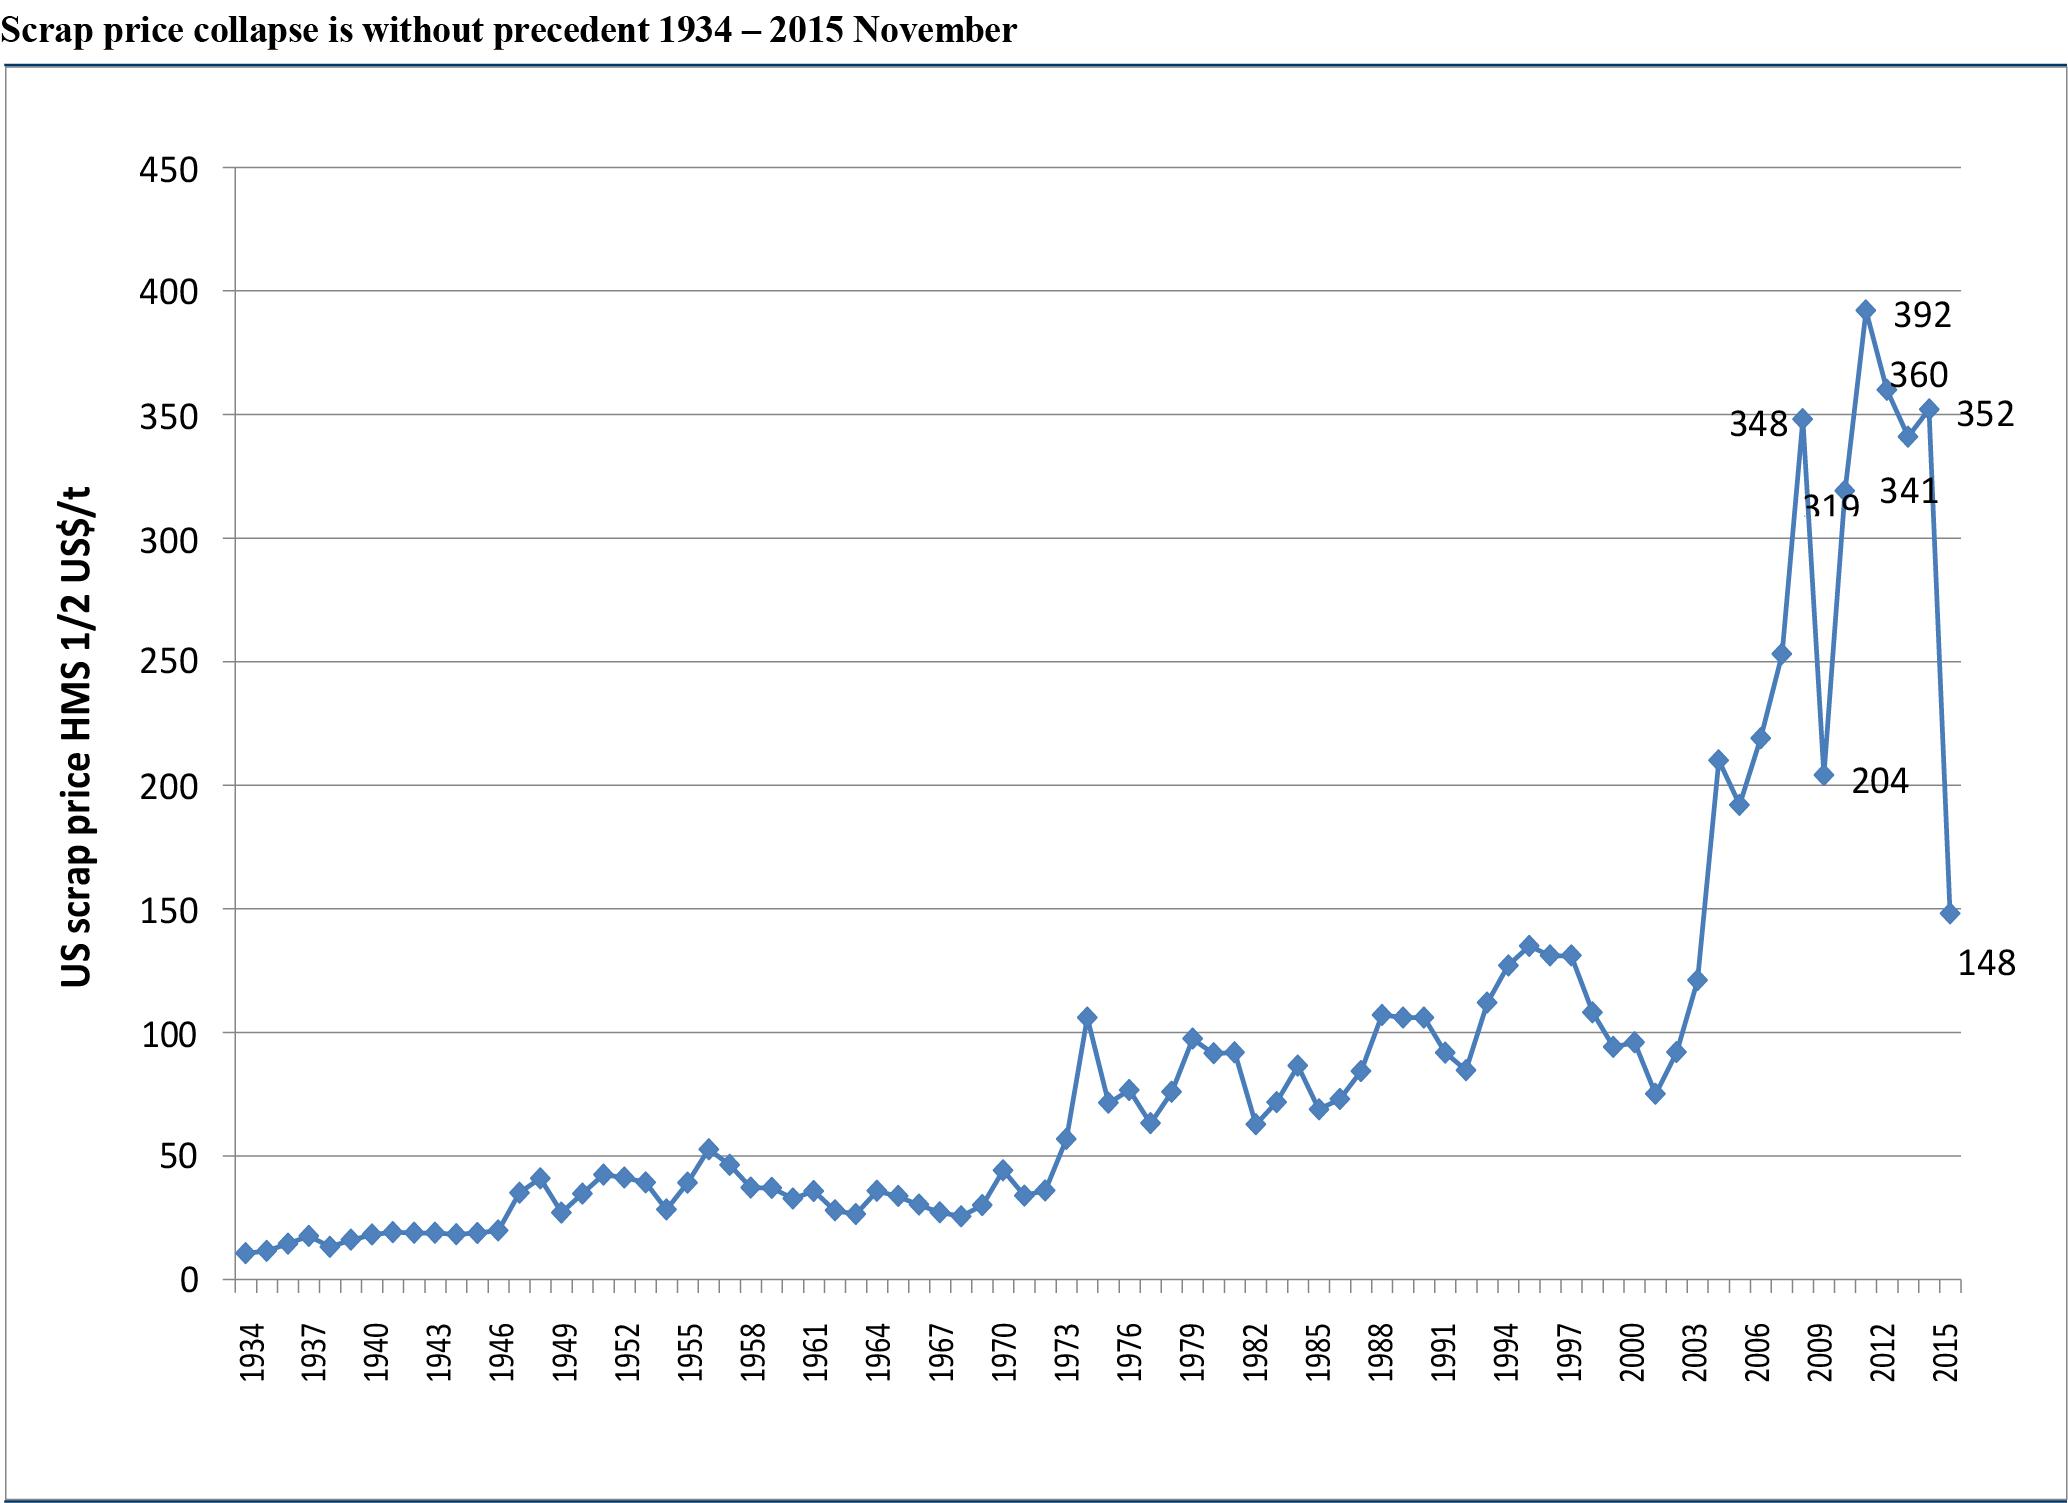 scrap price collapse 1934-2015